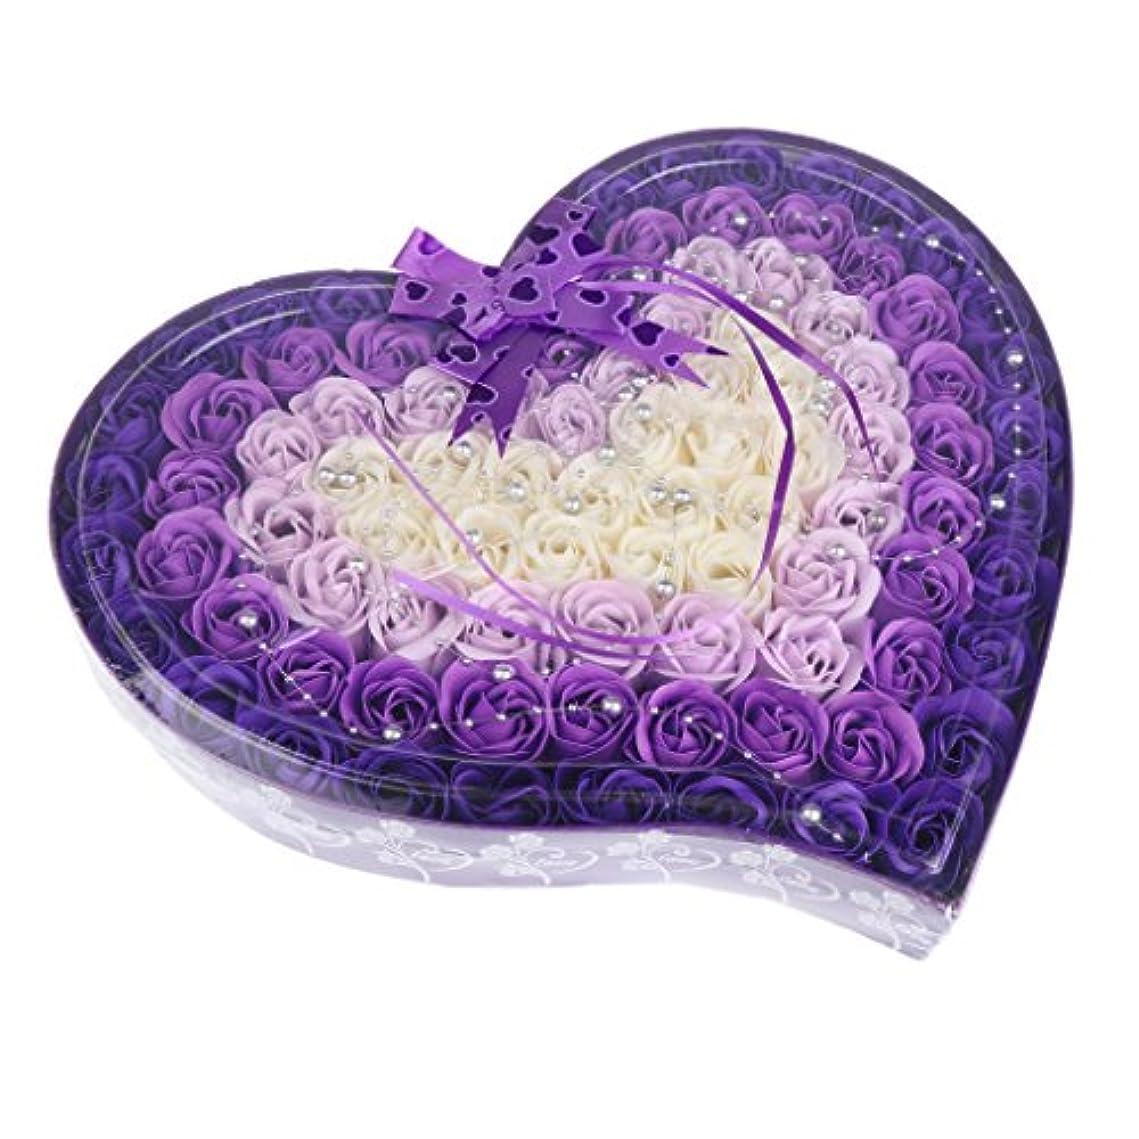 熟読する引用放棄Fenteer ソープフラワー  約100個 心の形 ギフトボックス 石鹸の花 誕生日  プレゼント 全4色選べる - 紫